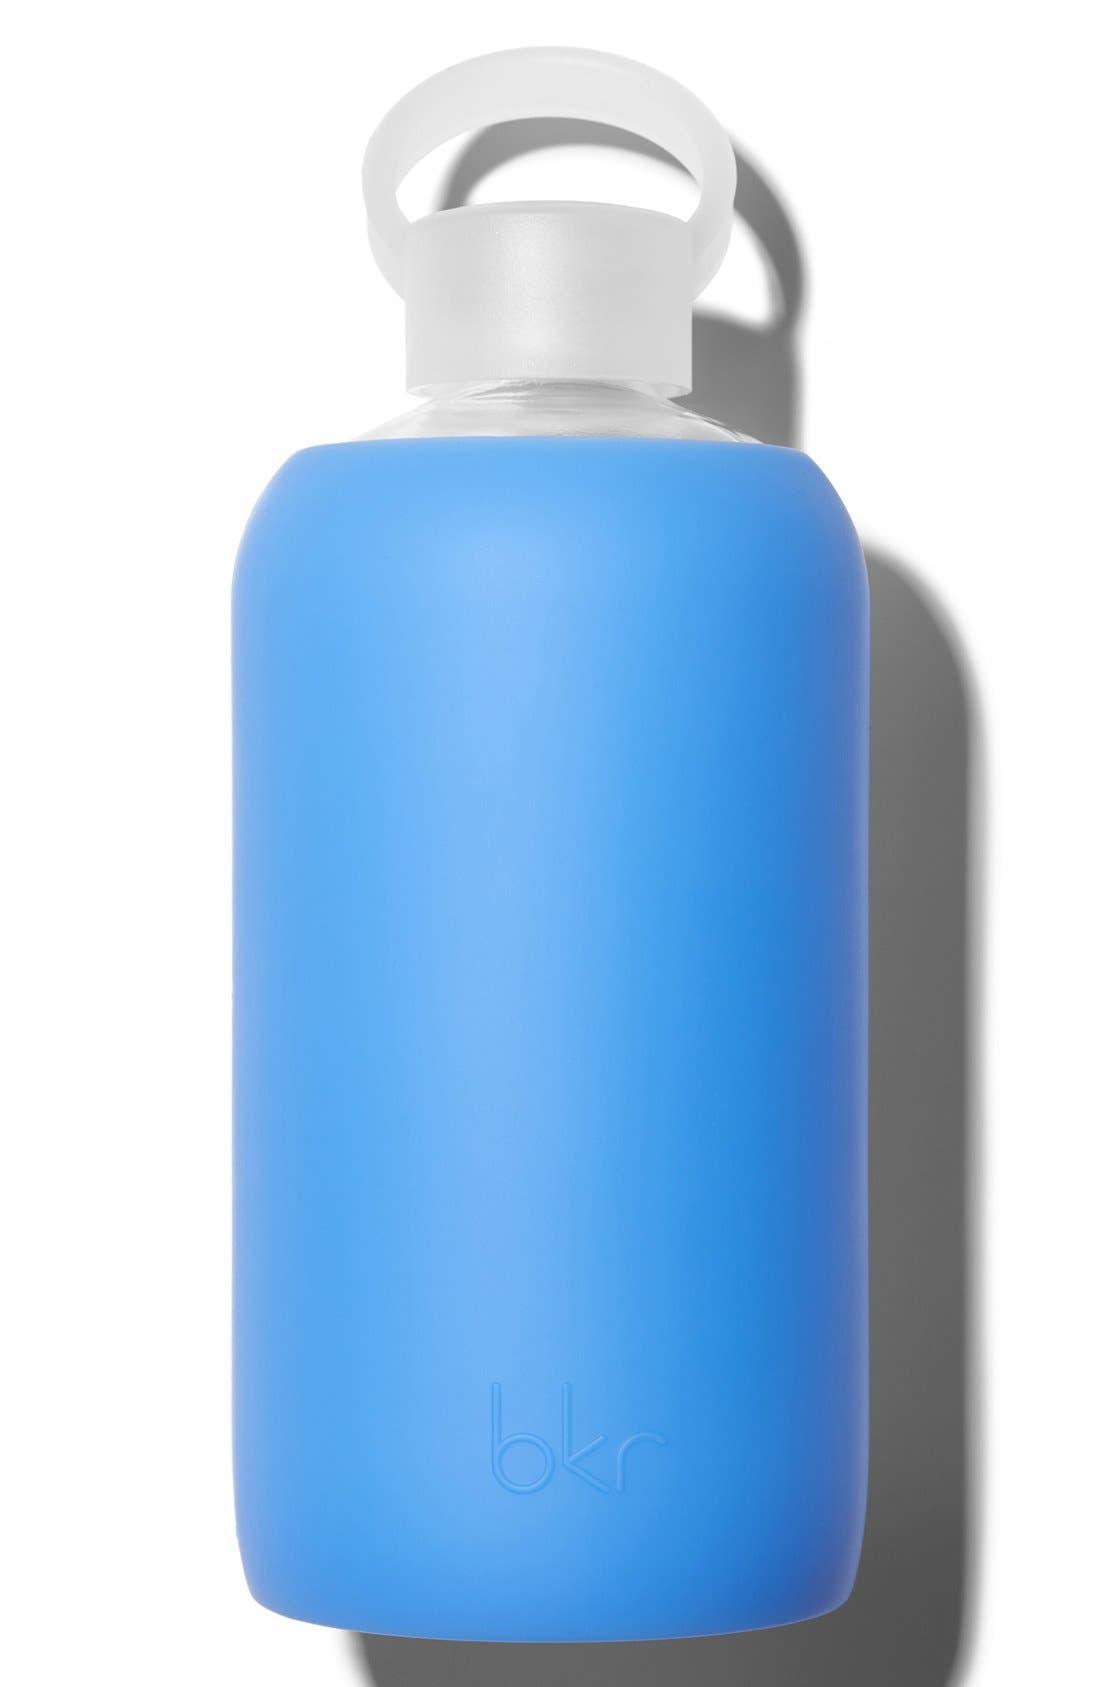 bkr® 32-Ounce Glass Water Bottle